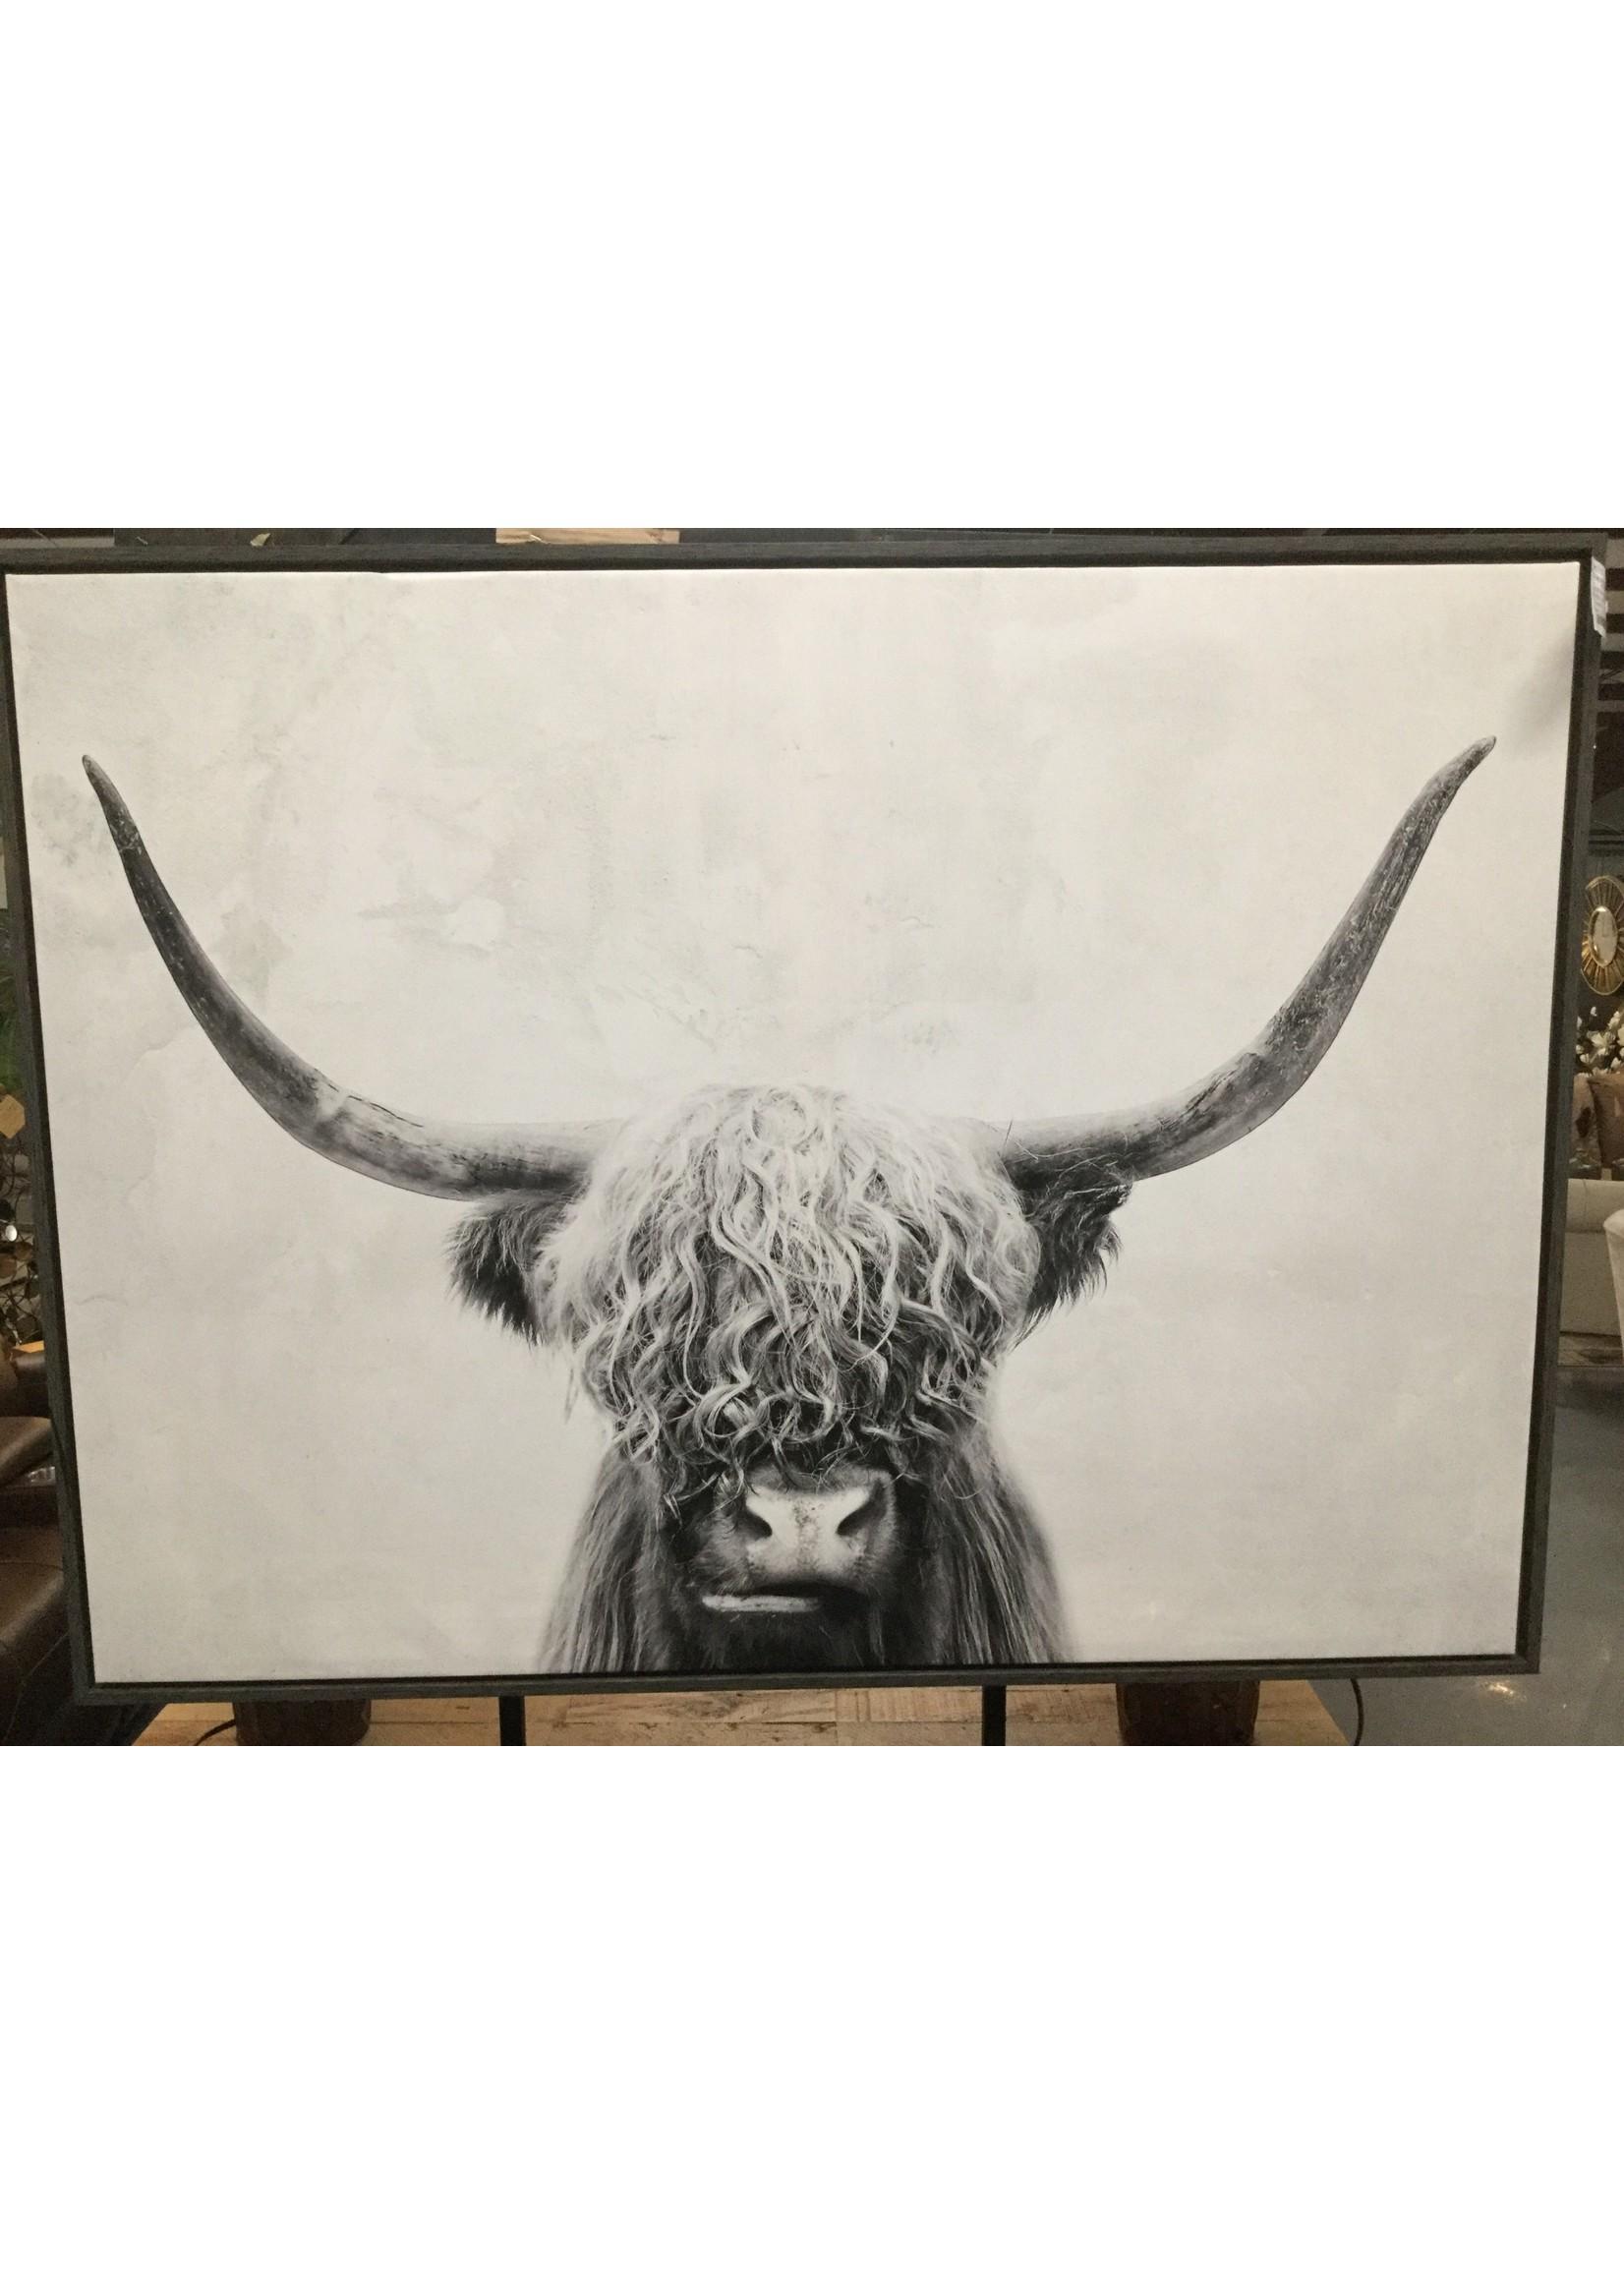 ASHLEY A8000258 WALL ART PANCHO BLACK/WHITE